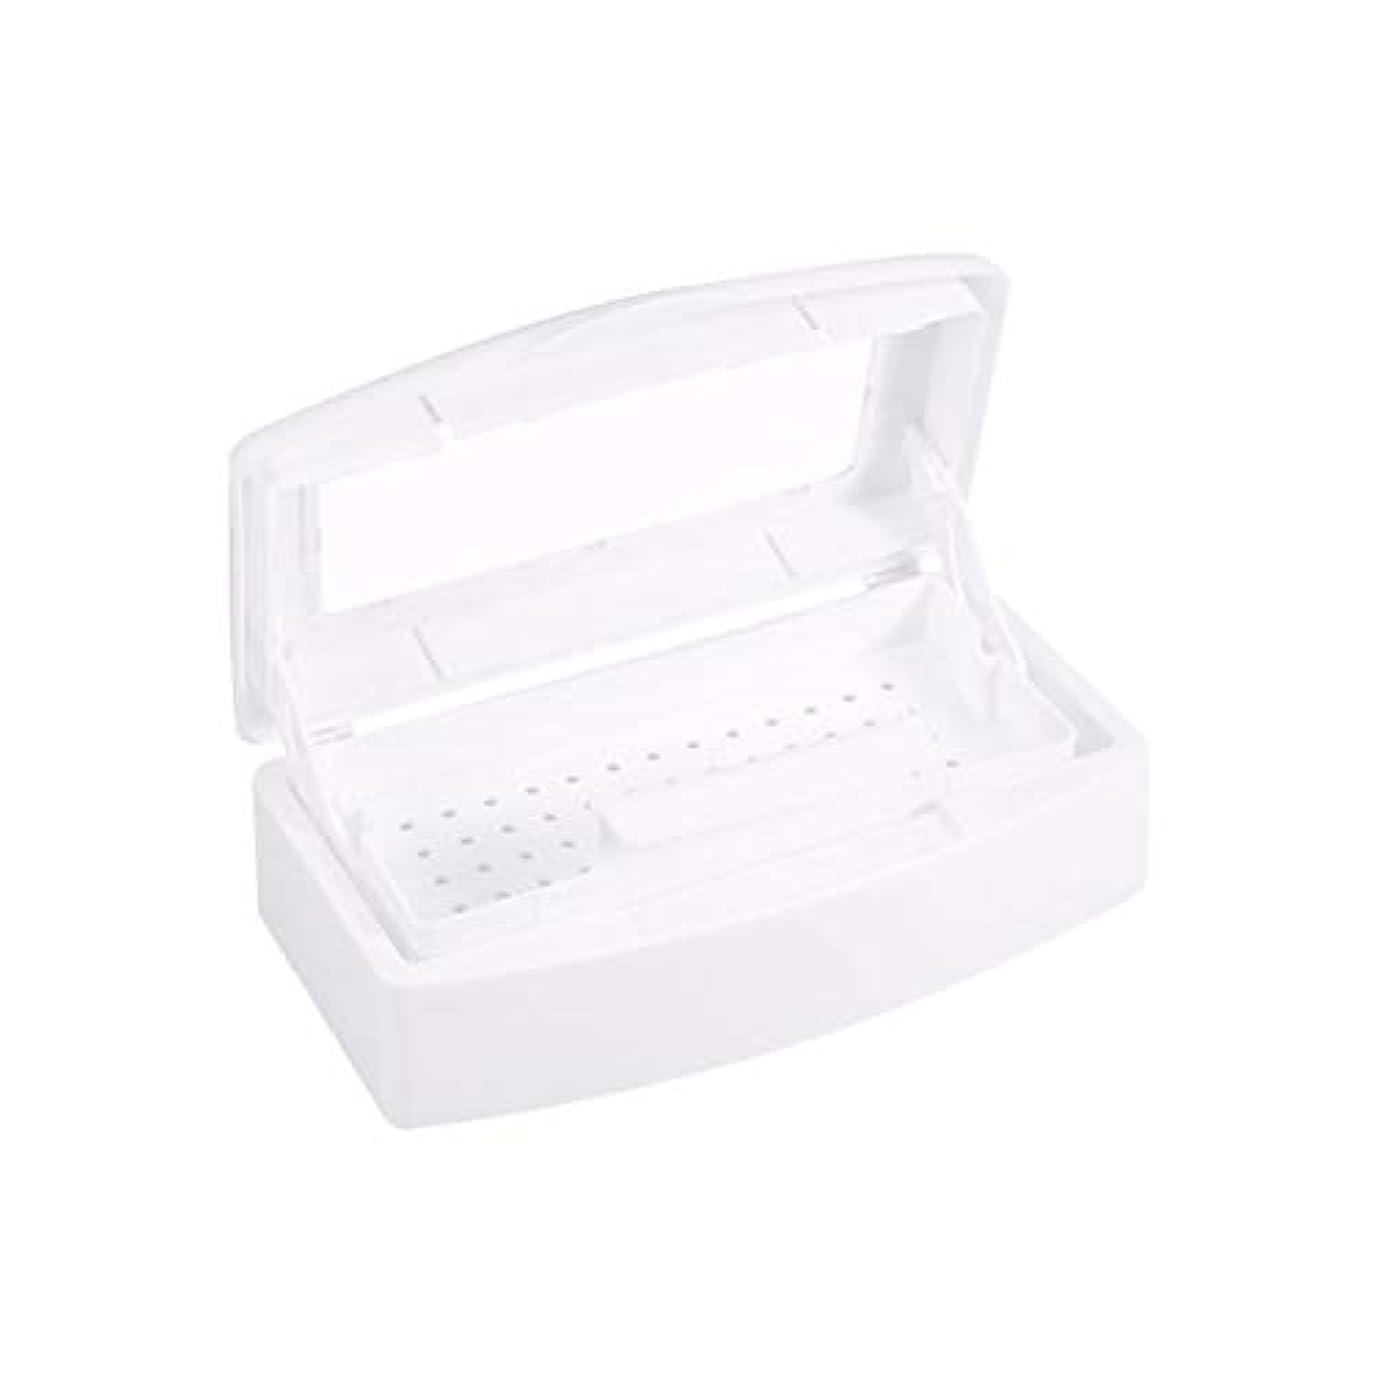 エイリアン顧問静的殺菌消毒ペディキュアネイルネイルを殺菌ネイル清掃用具の収納ボックス